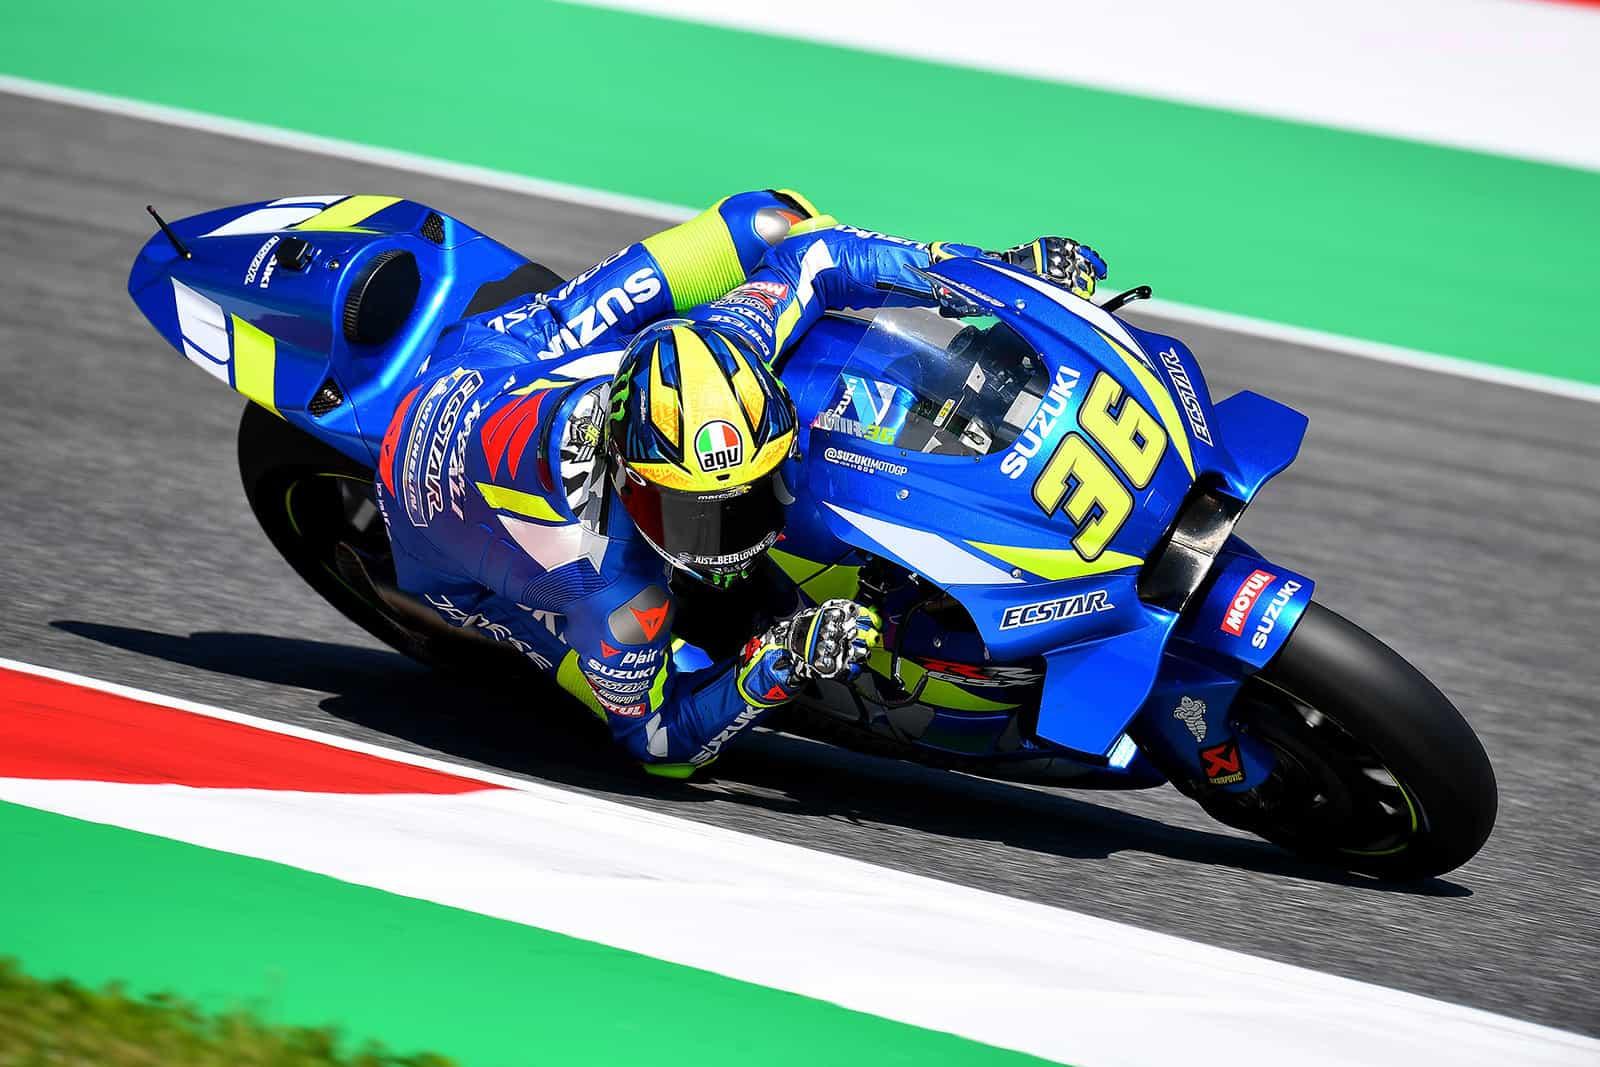 MotoGP2019カタルーニャGP ミル「ポジティブなレースが続いていくことを願っている」